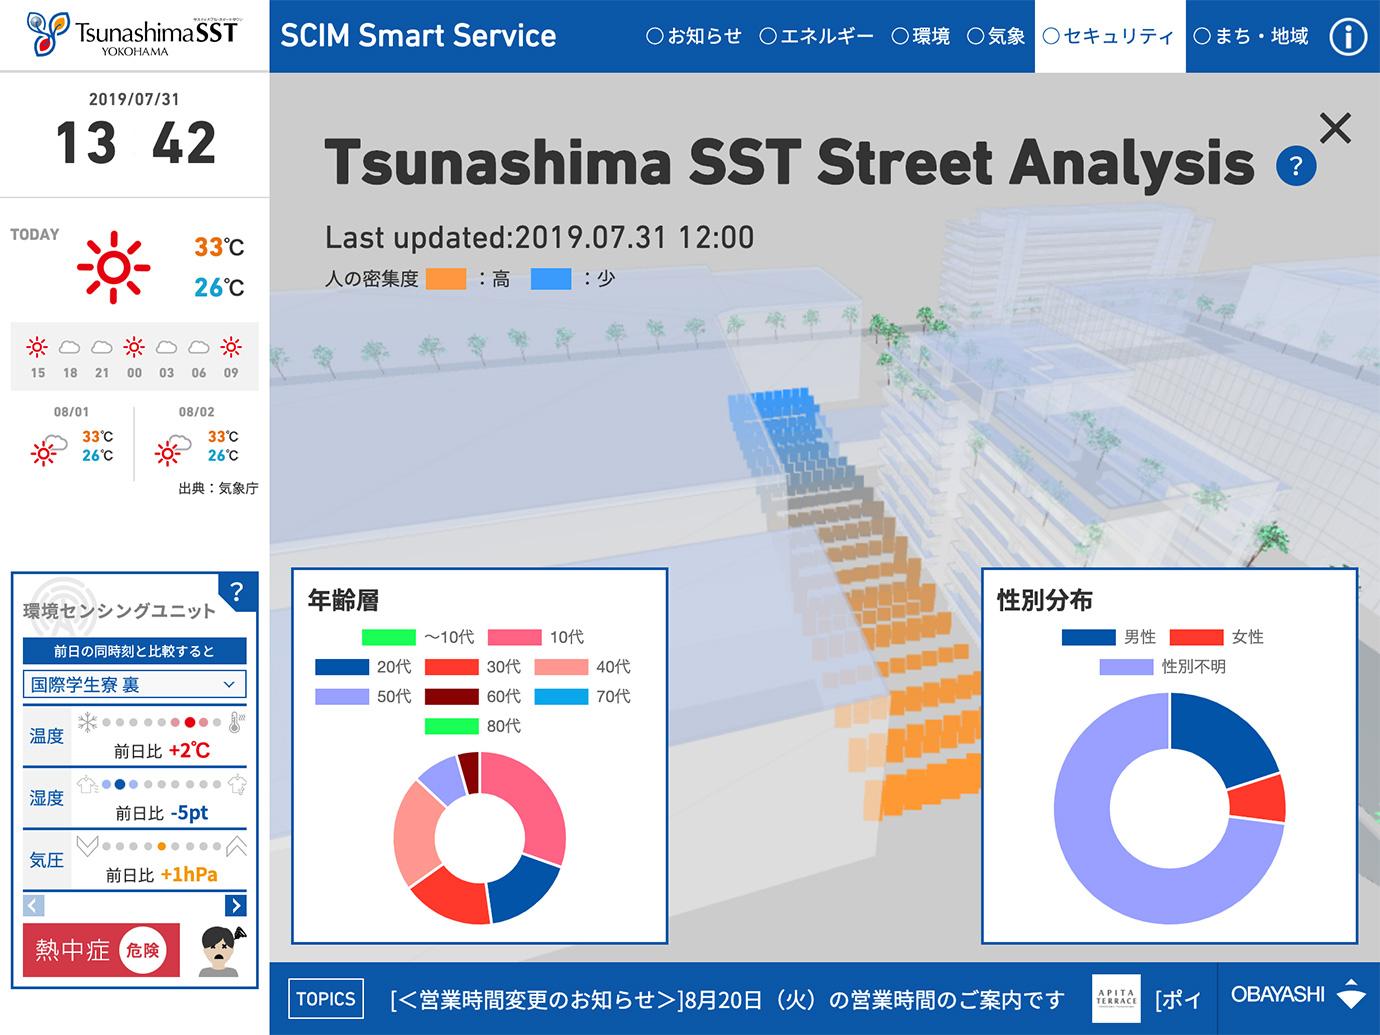 スクリーンショット:Tsunashima SST -SCIM-